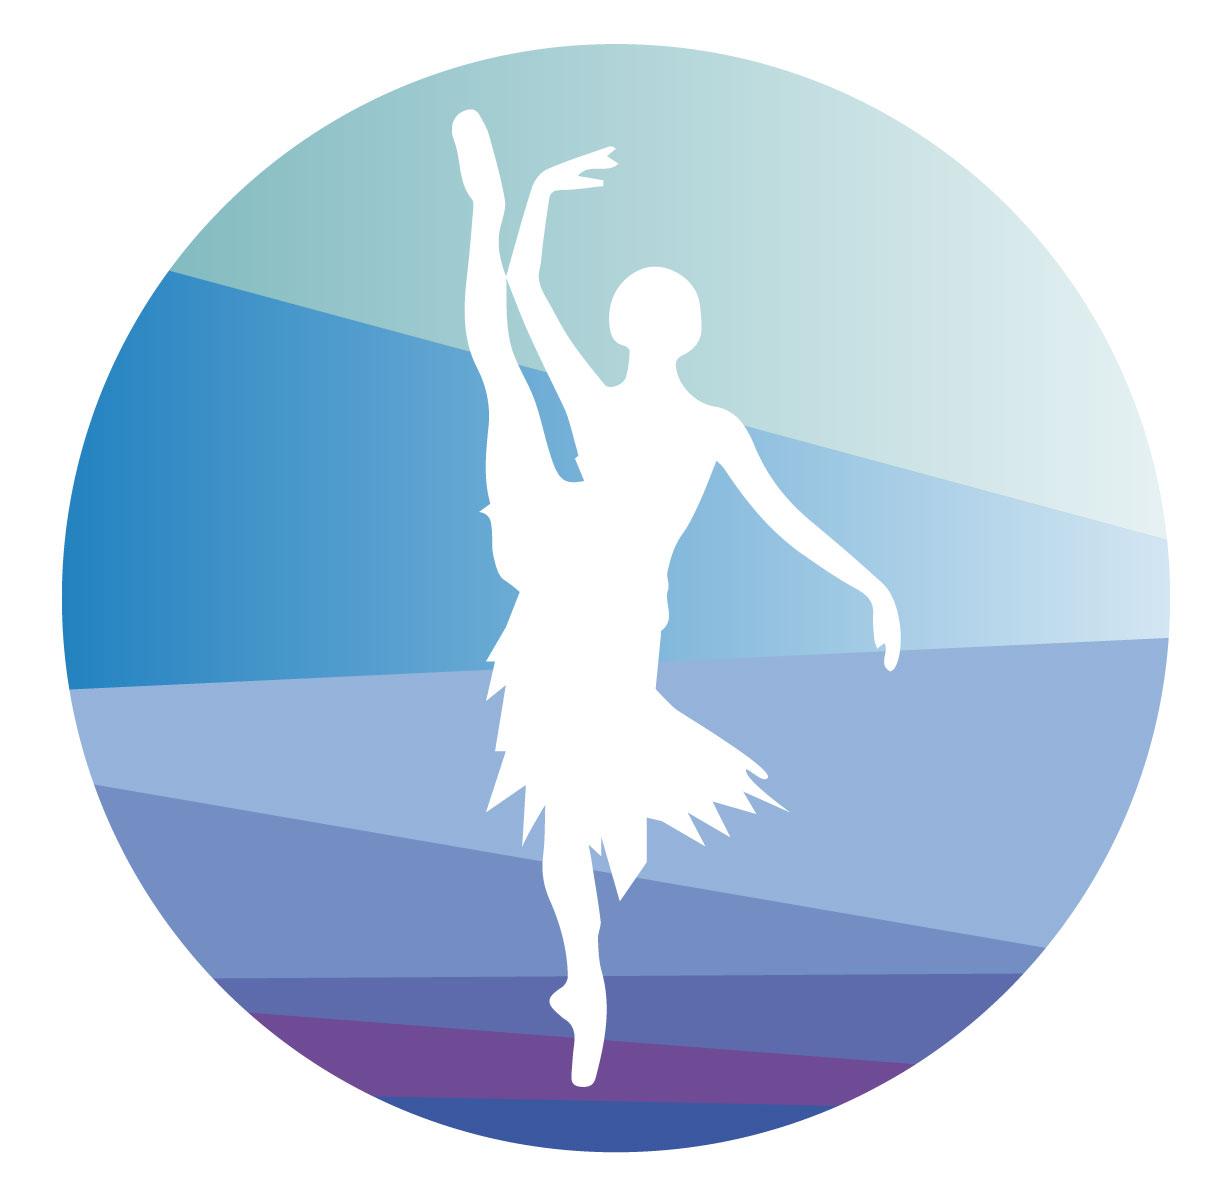 Ilustración gratis - Bailarina con pierna levantada